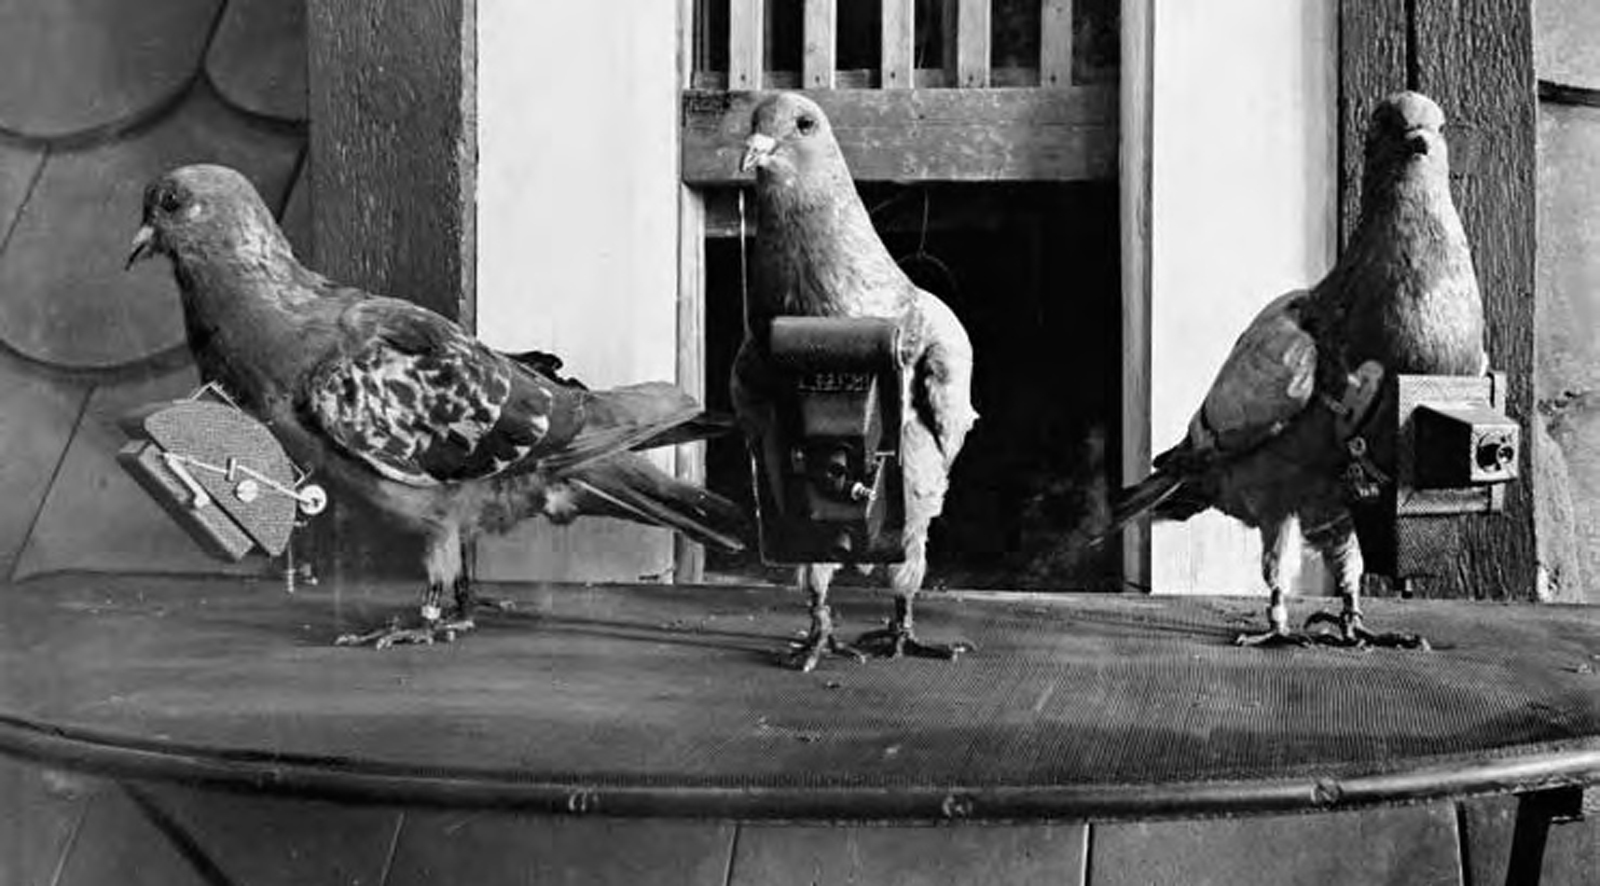 Pigeoncameras.jpg